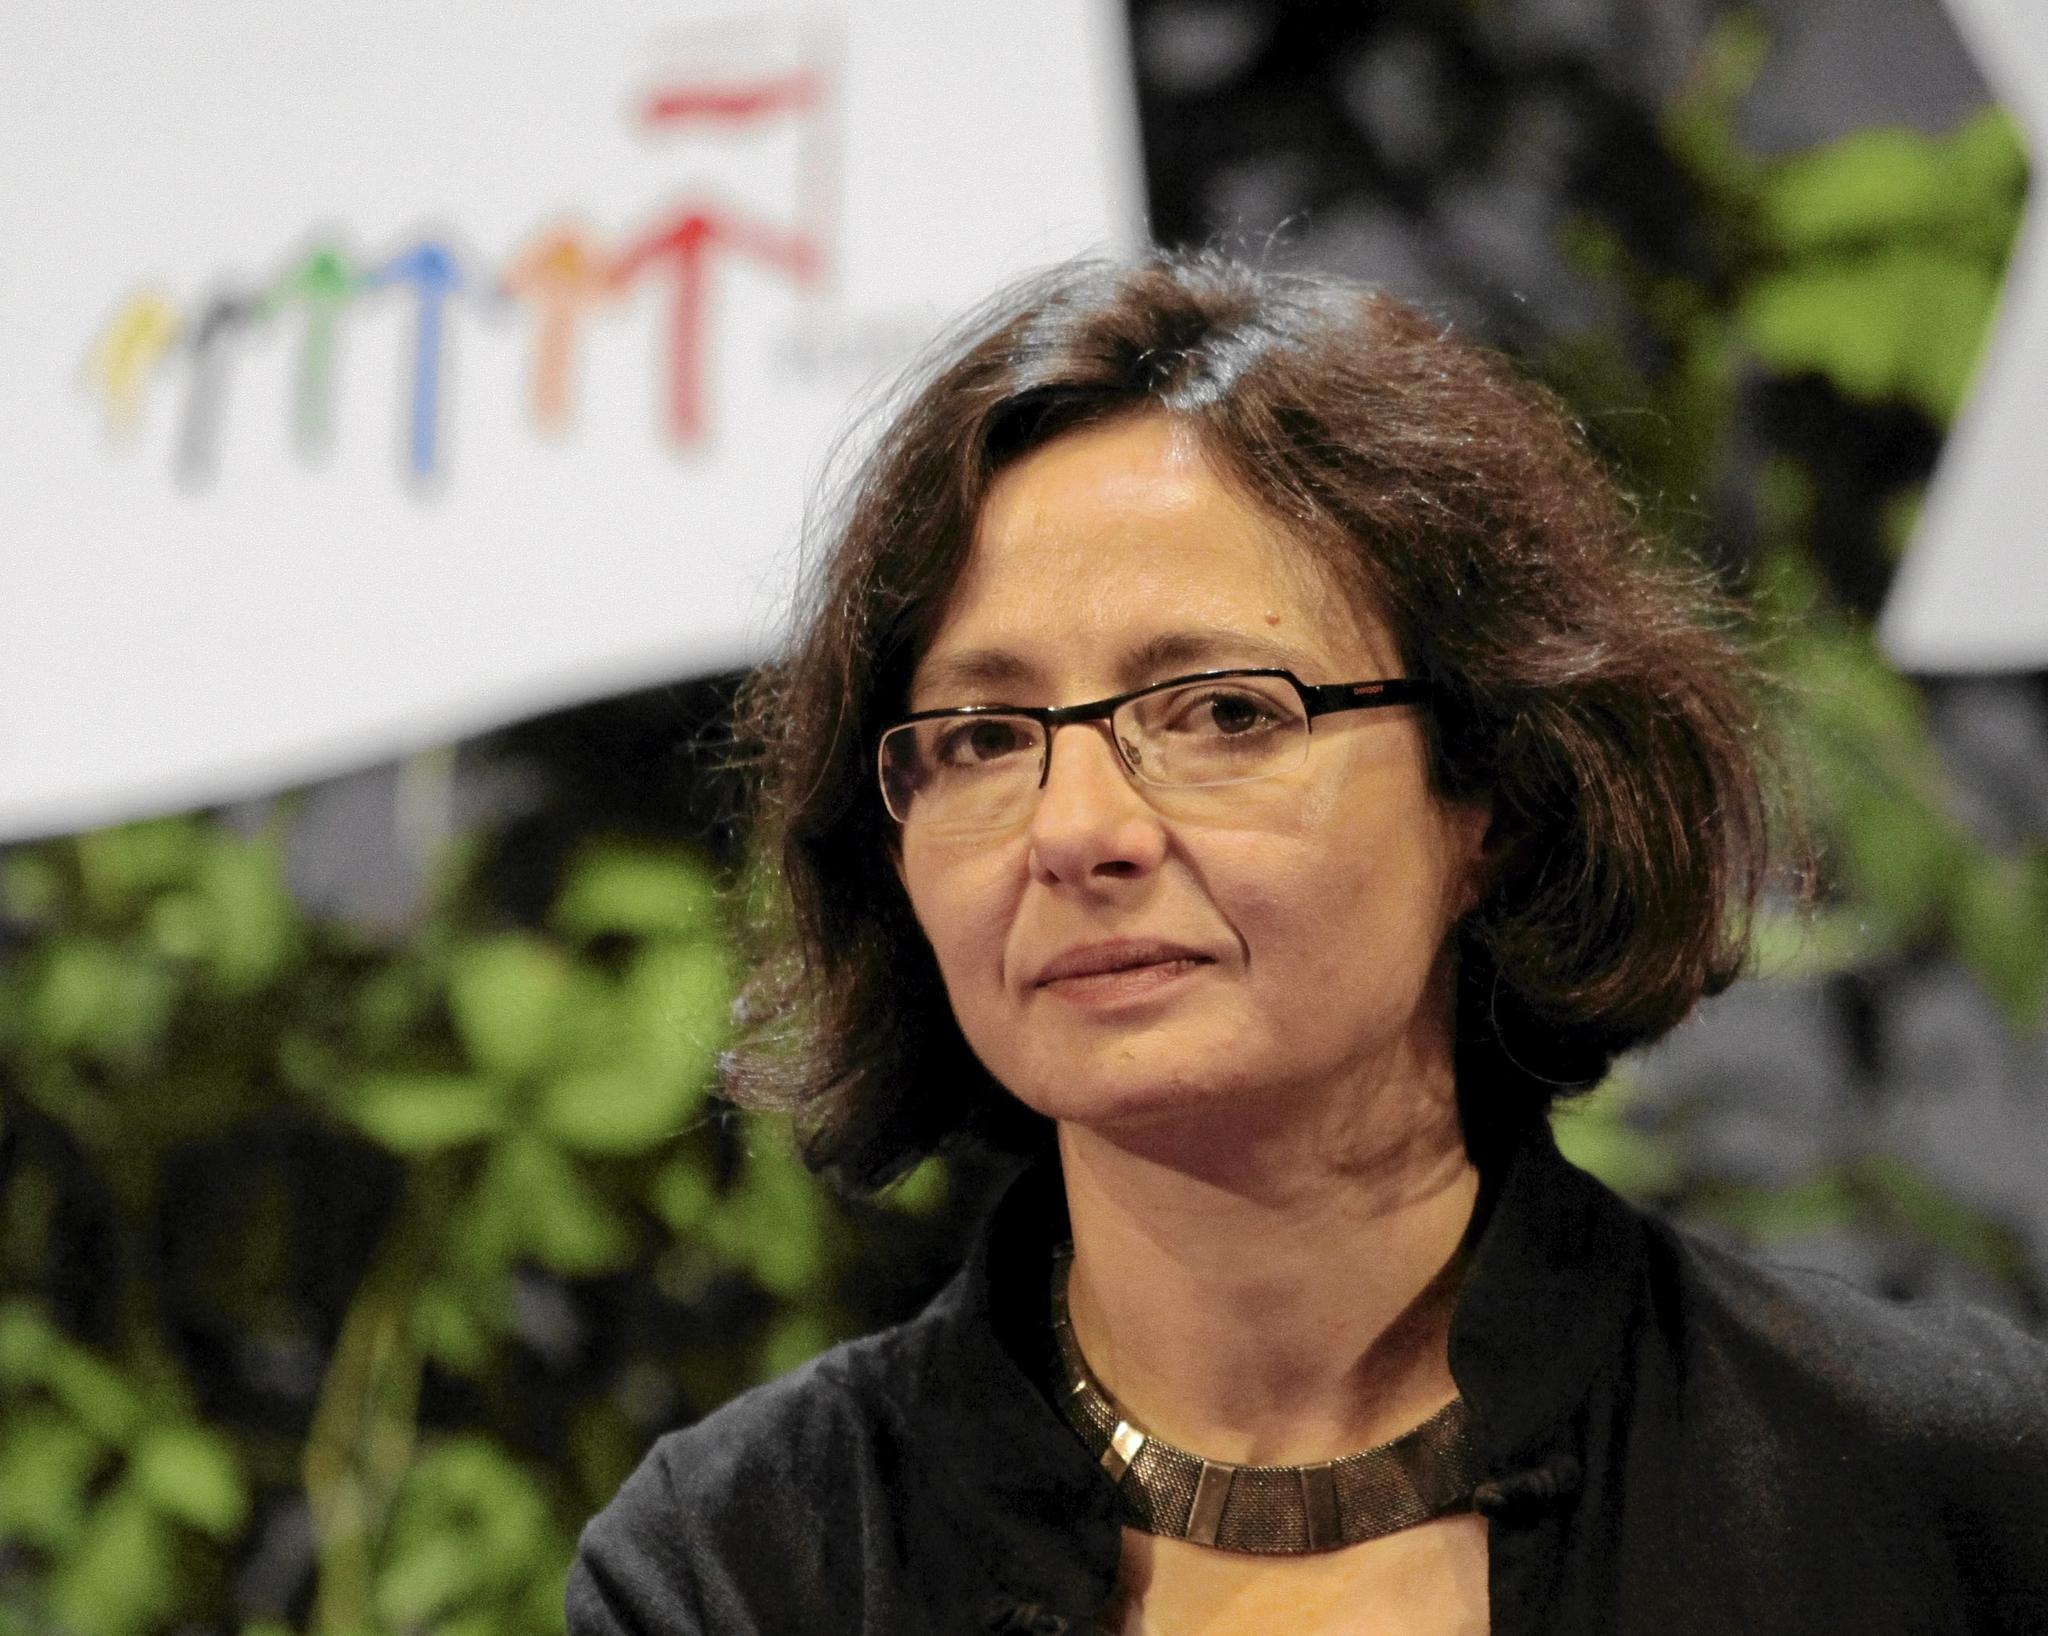 Agnieszka Graff, III Kongres Kobiet, 2011 (fot. Franciszek Mazur/Agencja Gazeta)